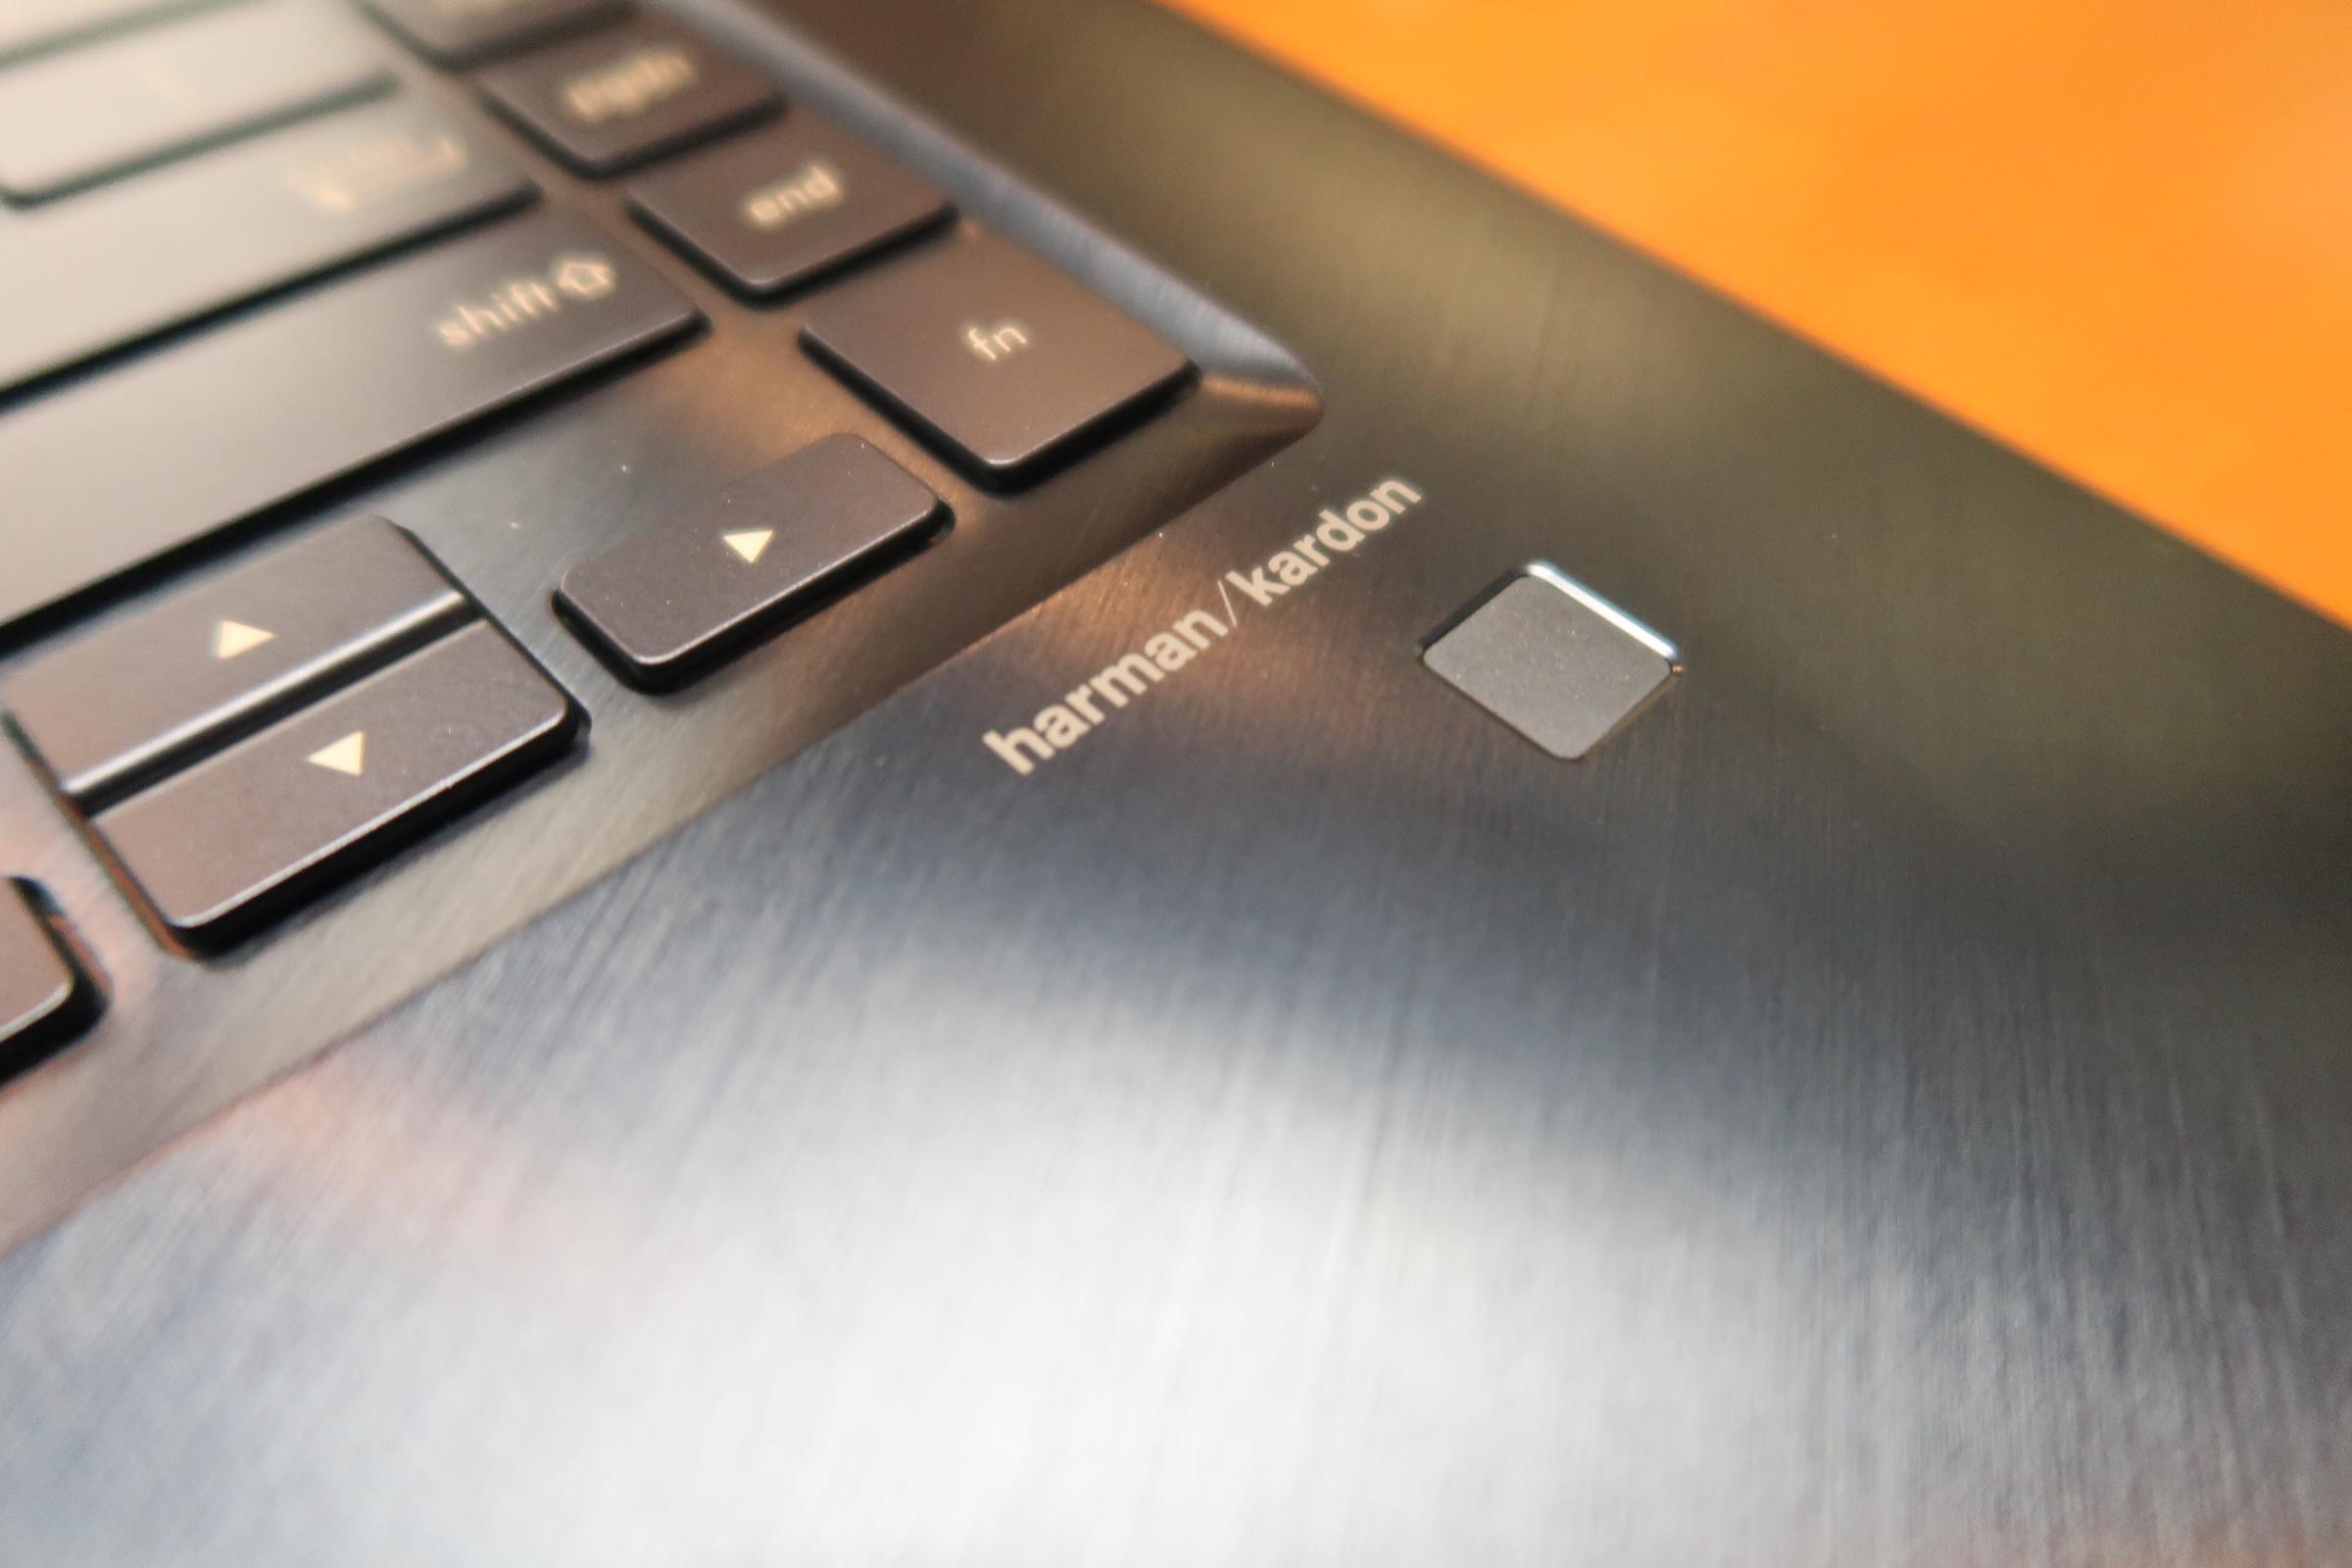 华硕灵耀X Pro上手体验:多一块屏幕 能否逆袭MacBook Pro?的照片 - 5